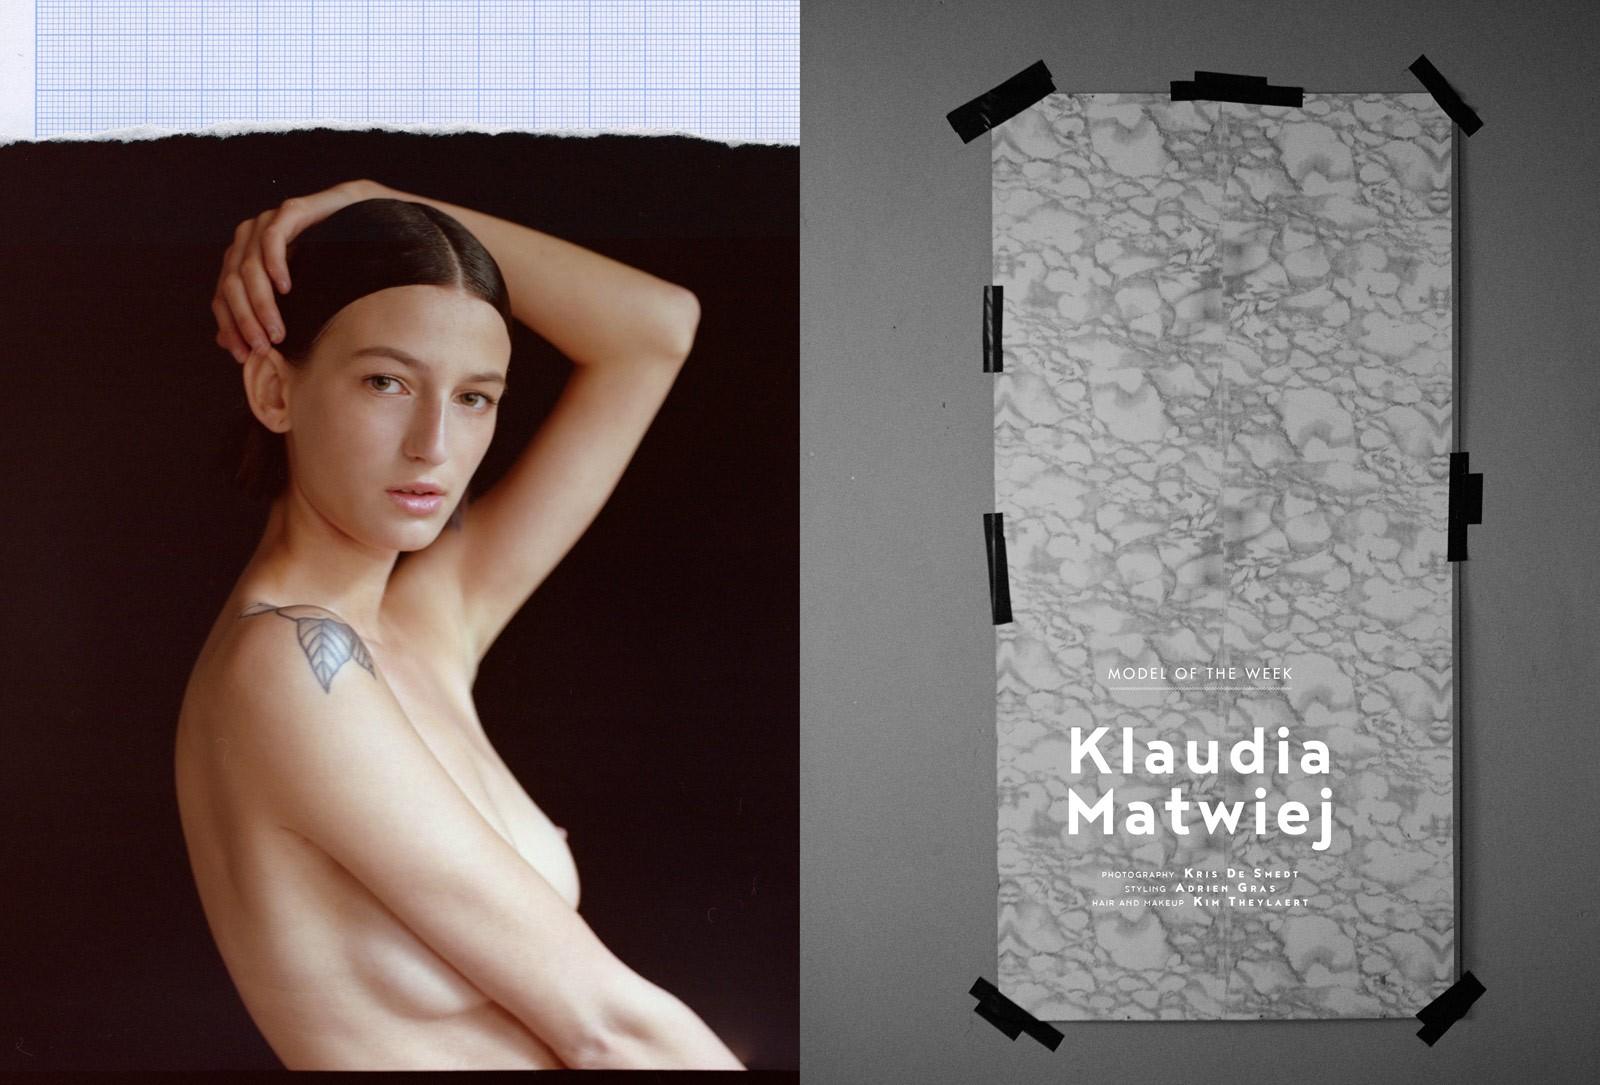 MOTW_KlaudiaMatwiej_IMM_web-1600_01